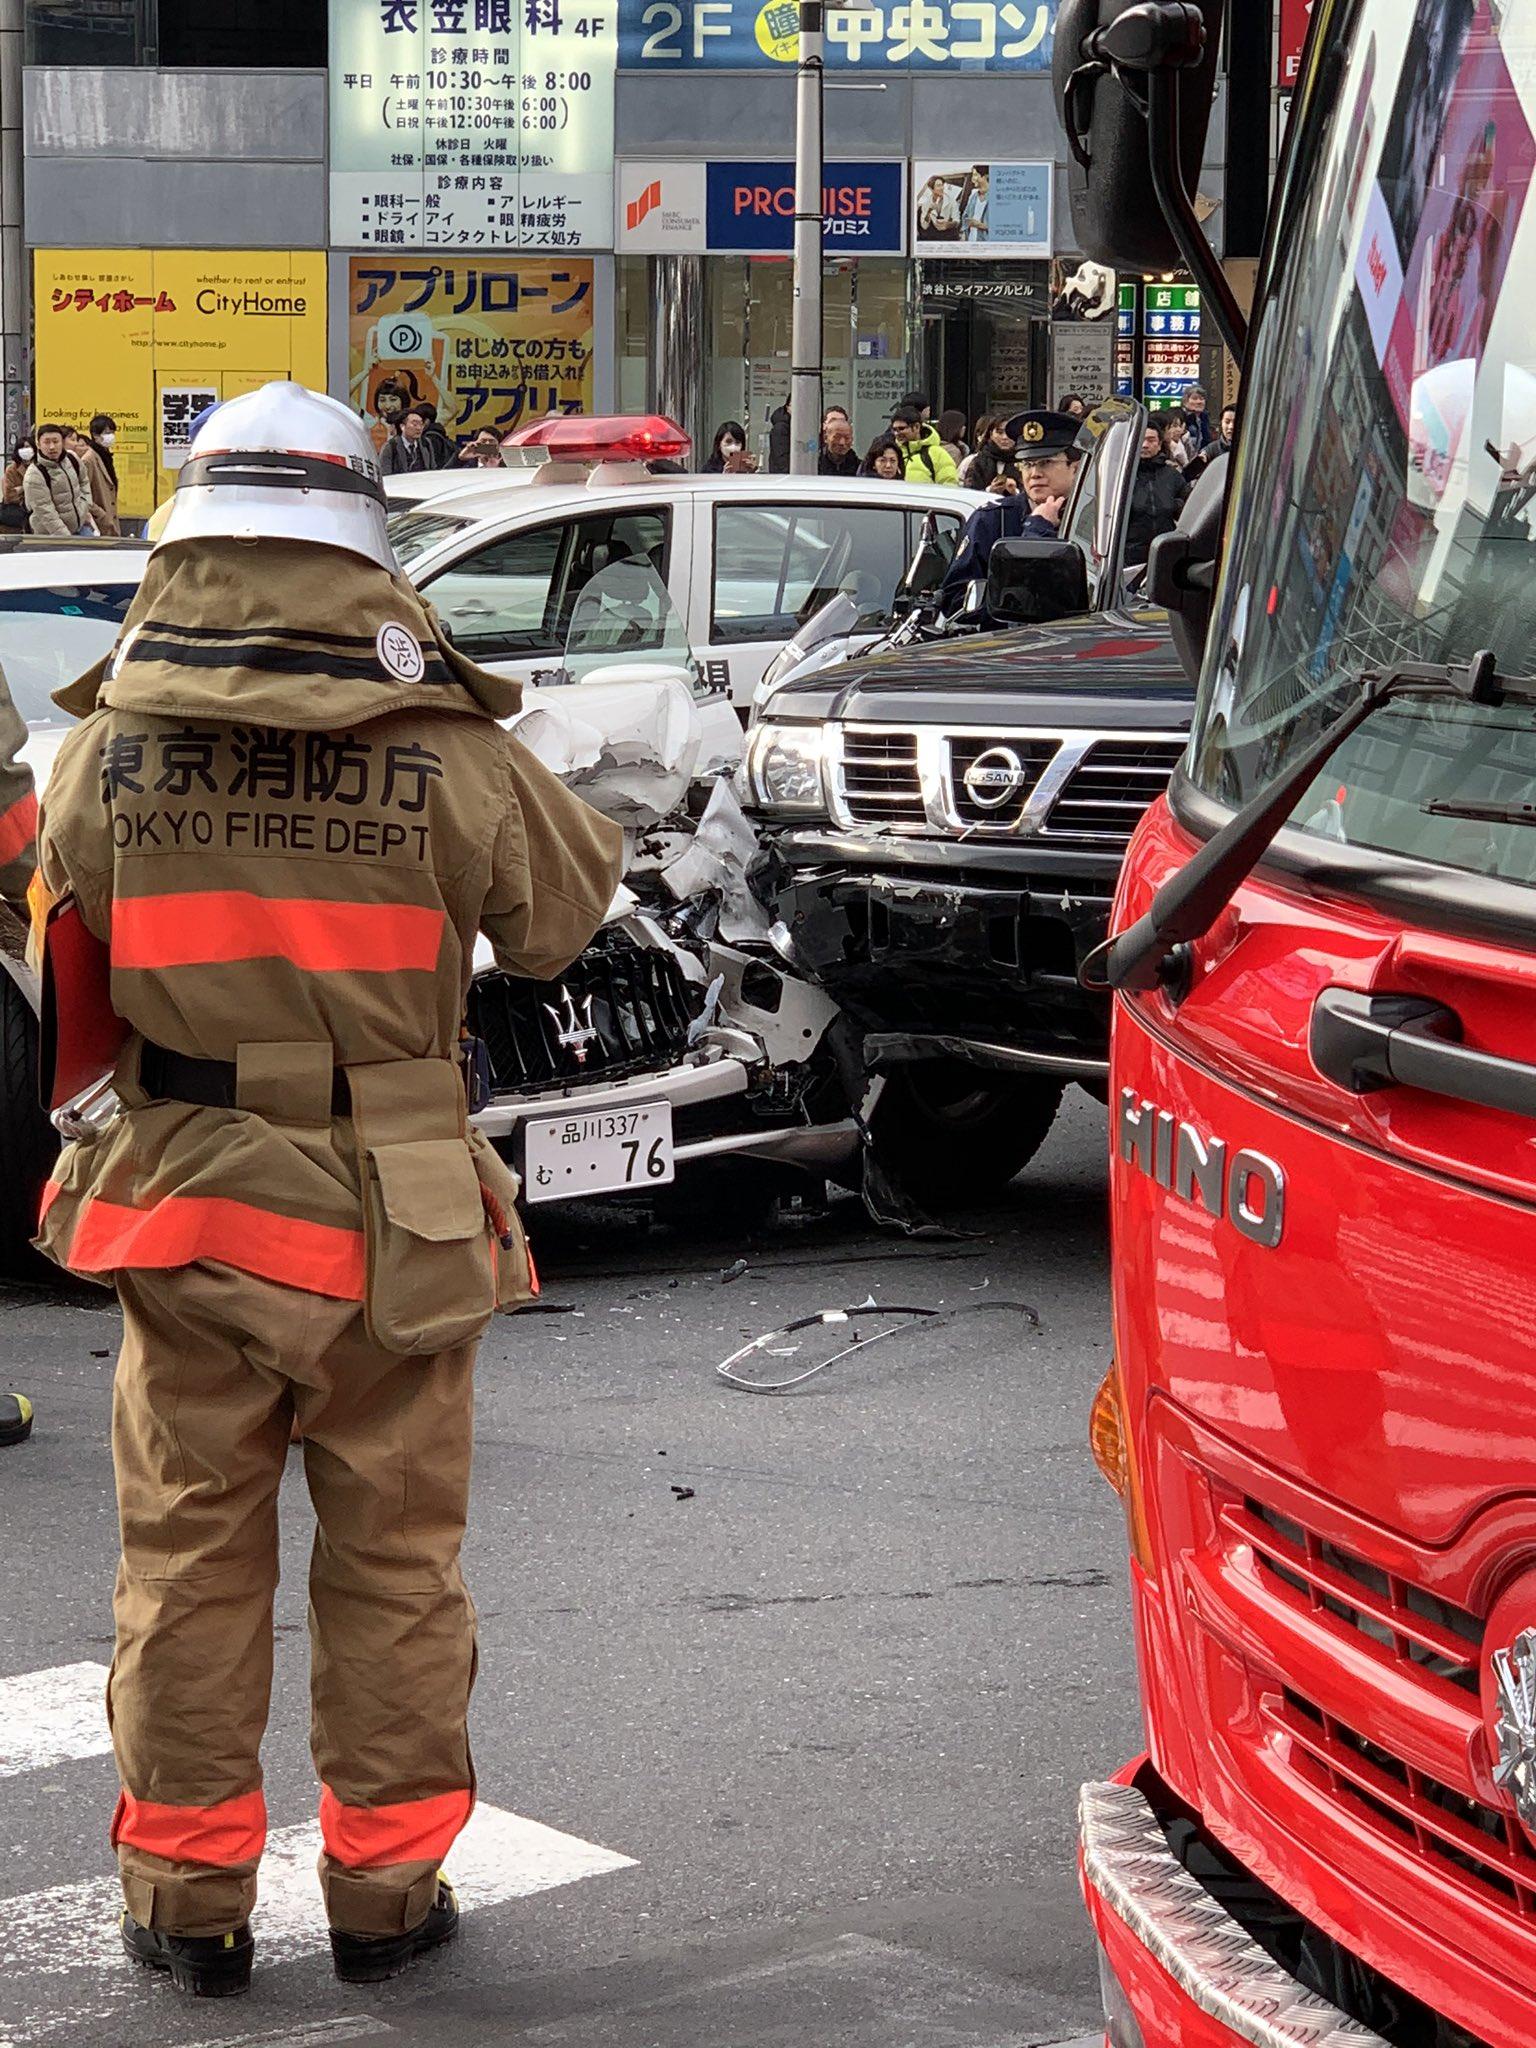 渋谷の宮益坂交差点で事故が起きた現場の画像